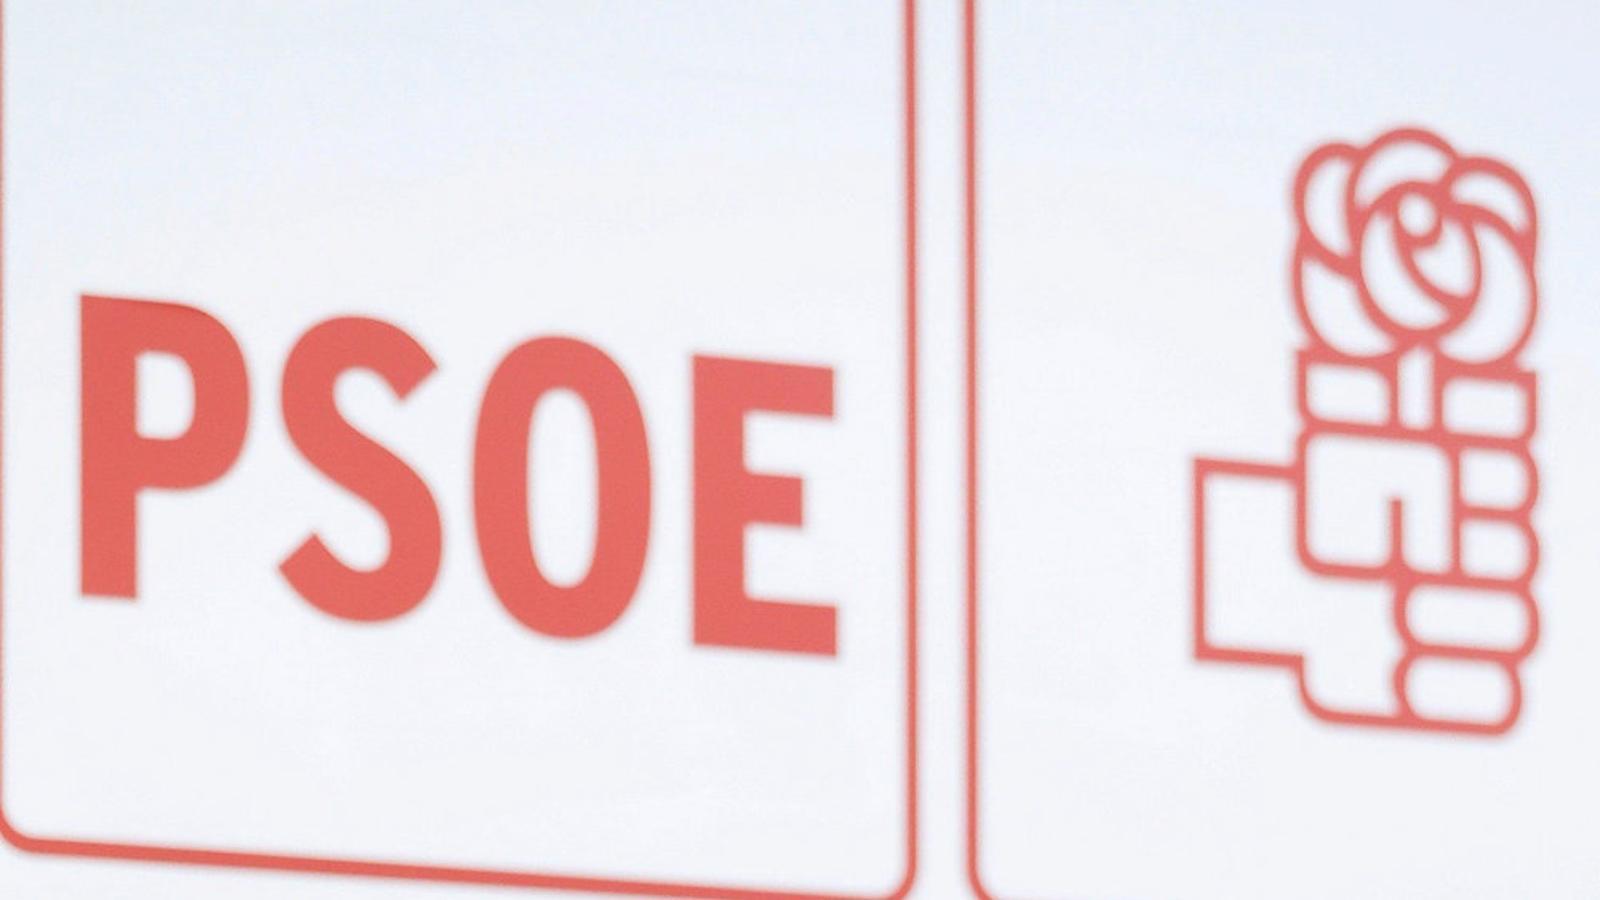 El president del govern espanyol, Pedro Sánchez, en la comissió executiva del PSOE ahir a Ferraz.